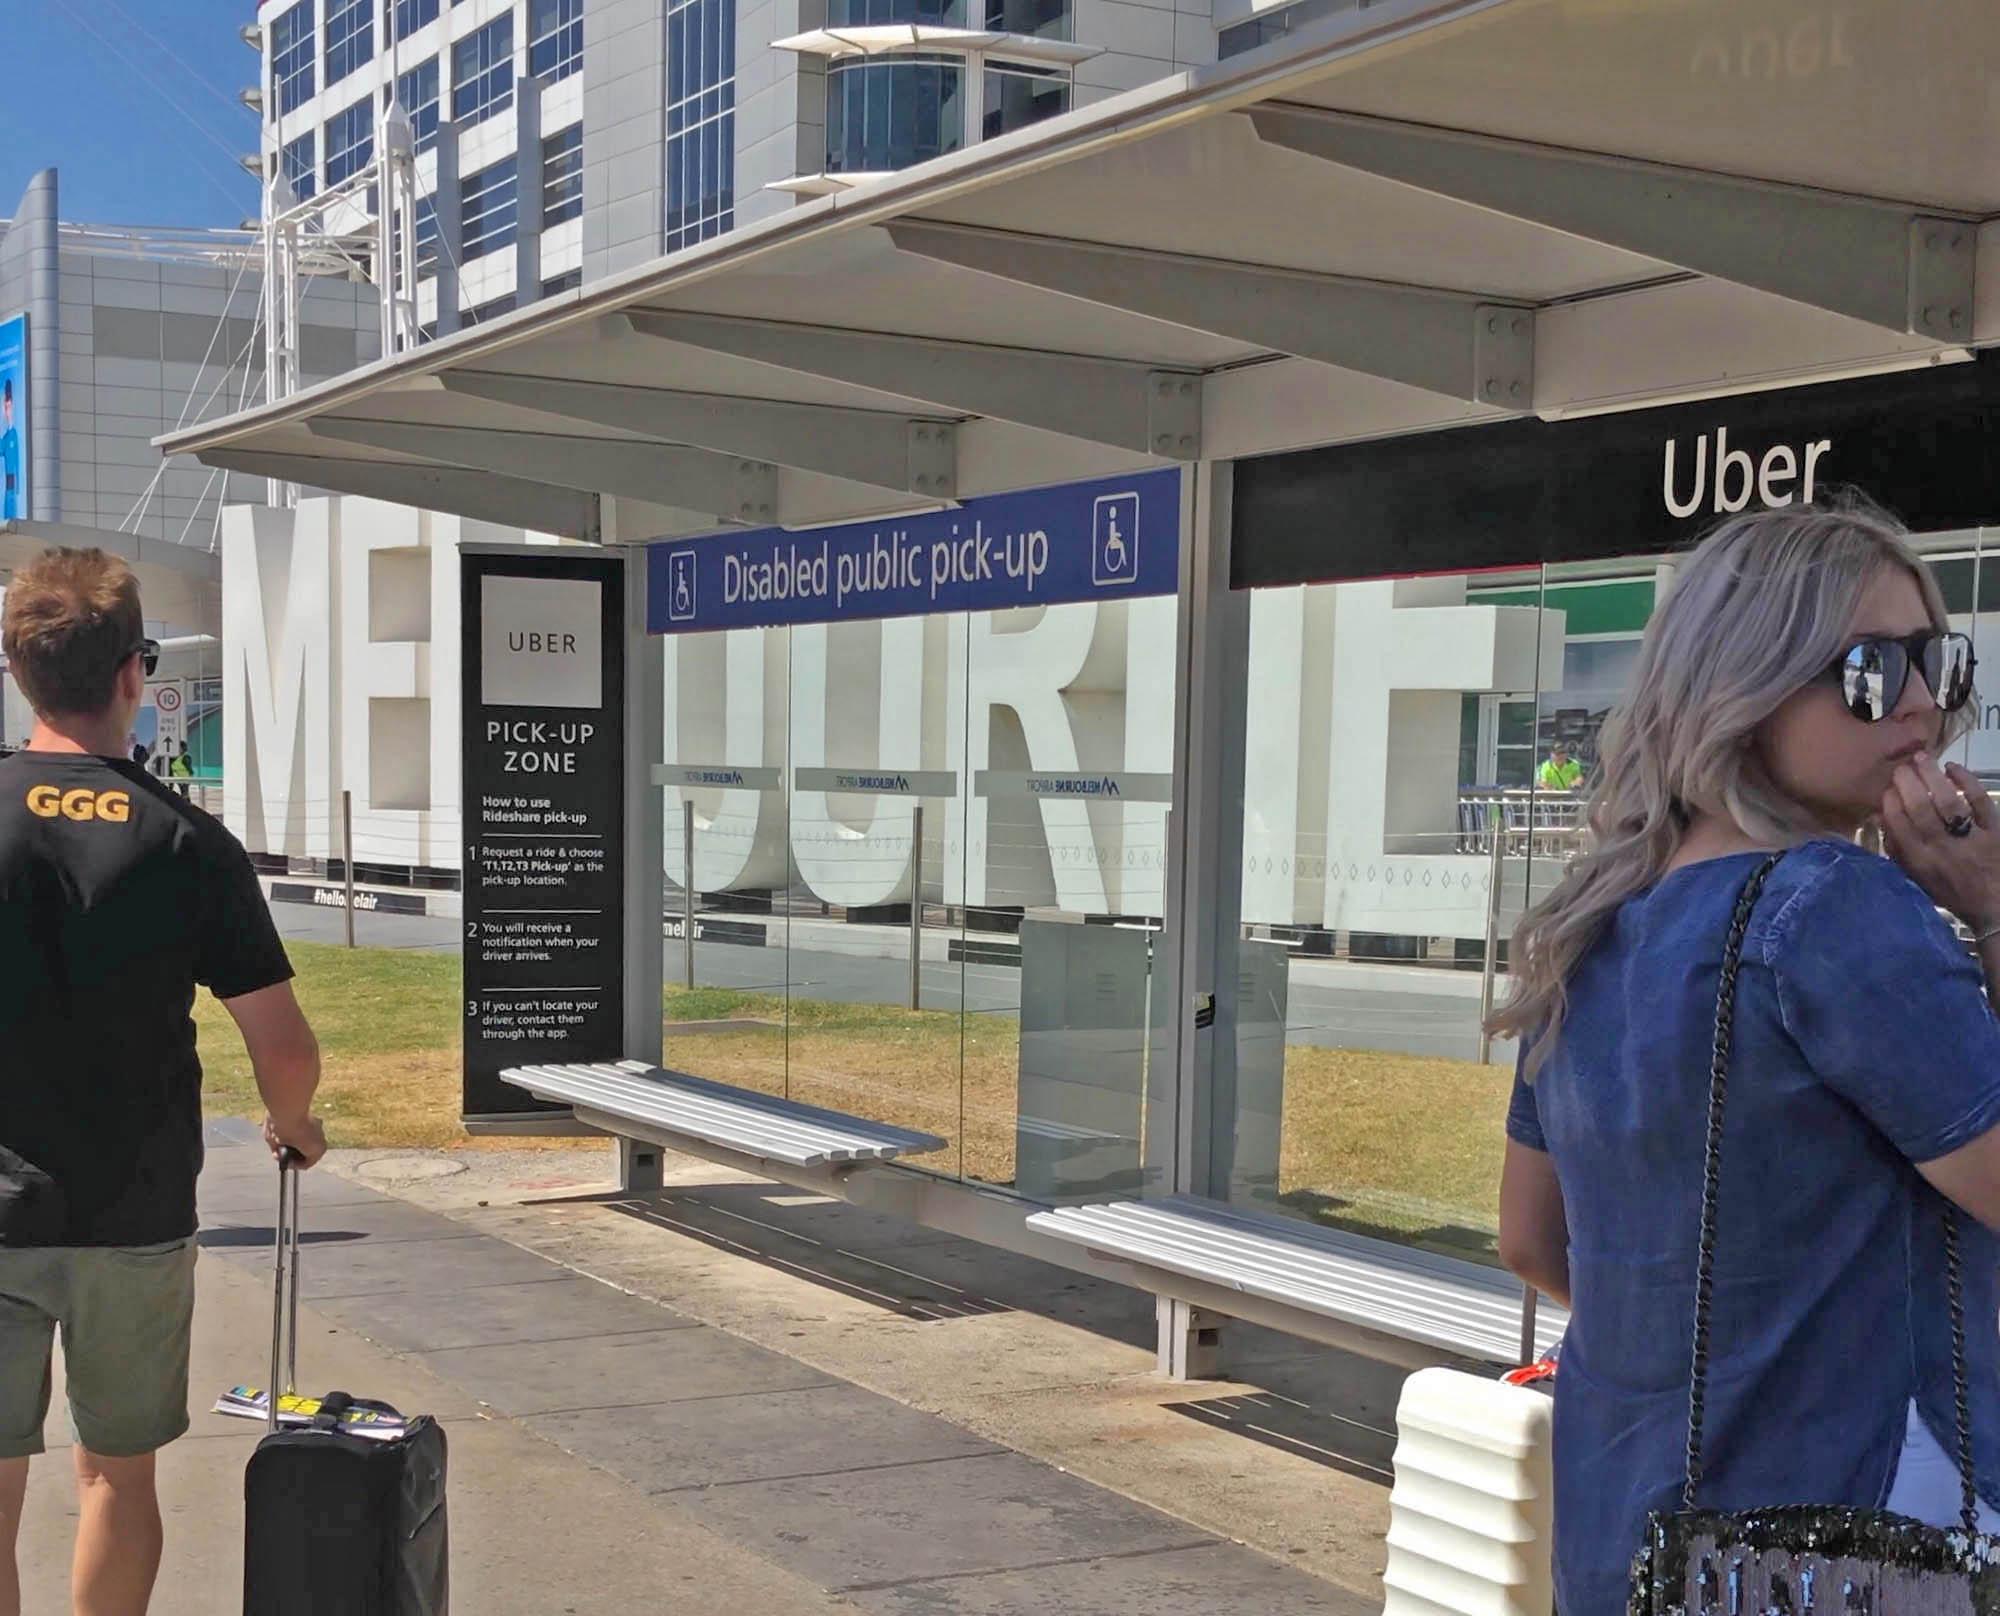 Остановка для посадки на «Убер» в аэропорту Мельбурна